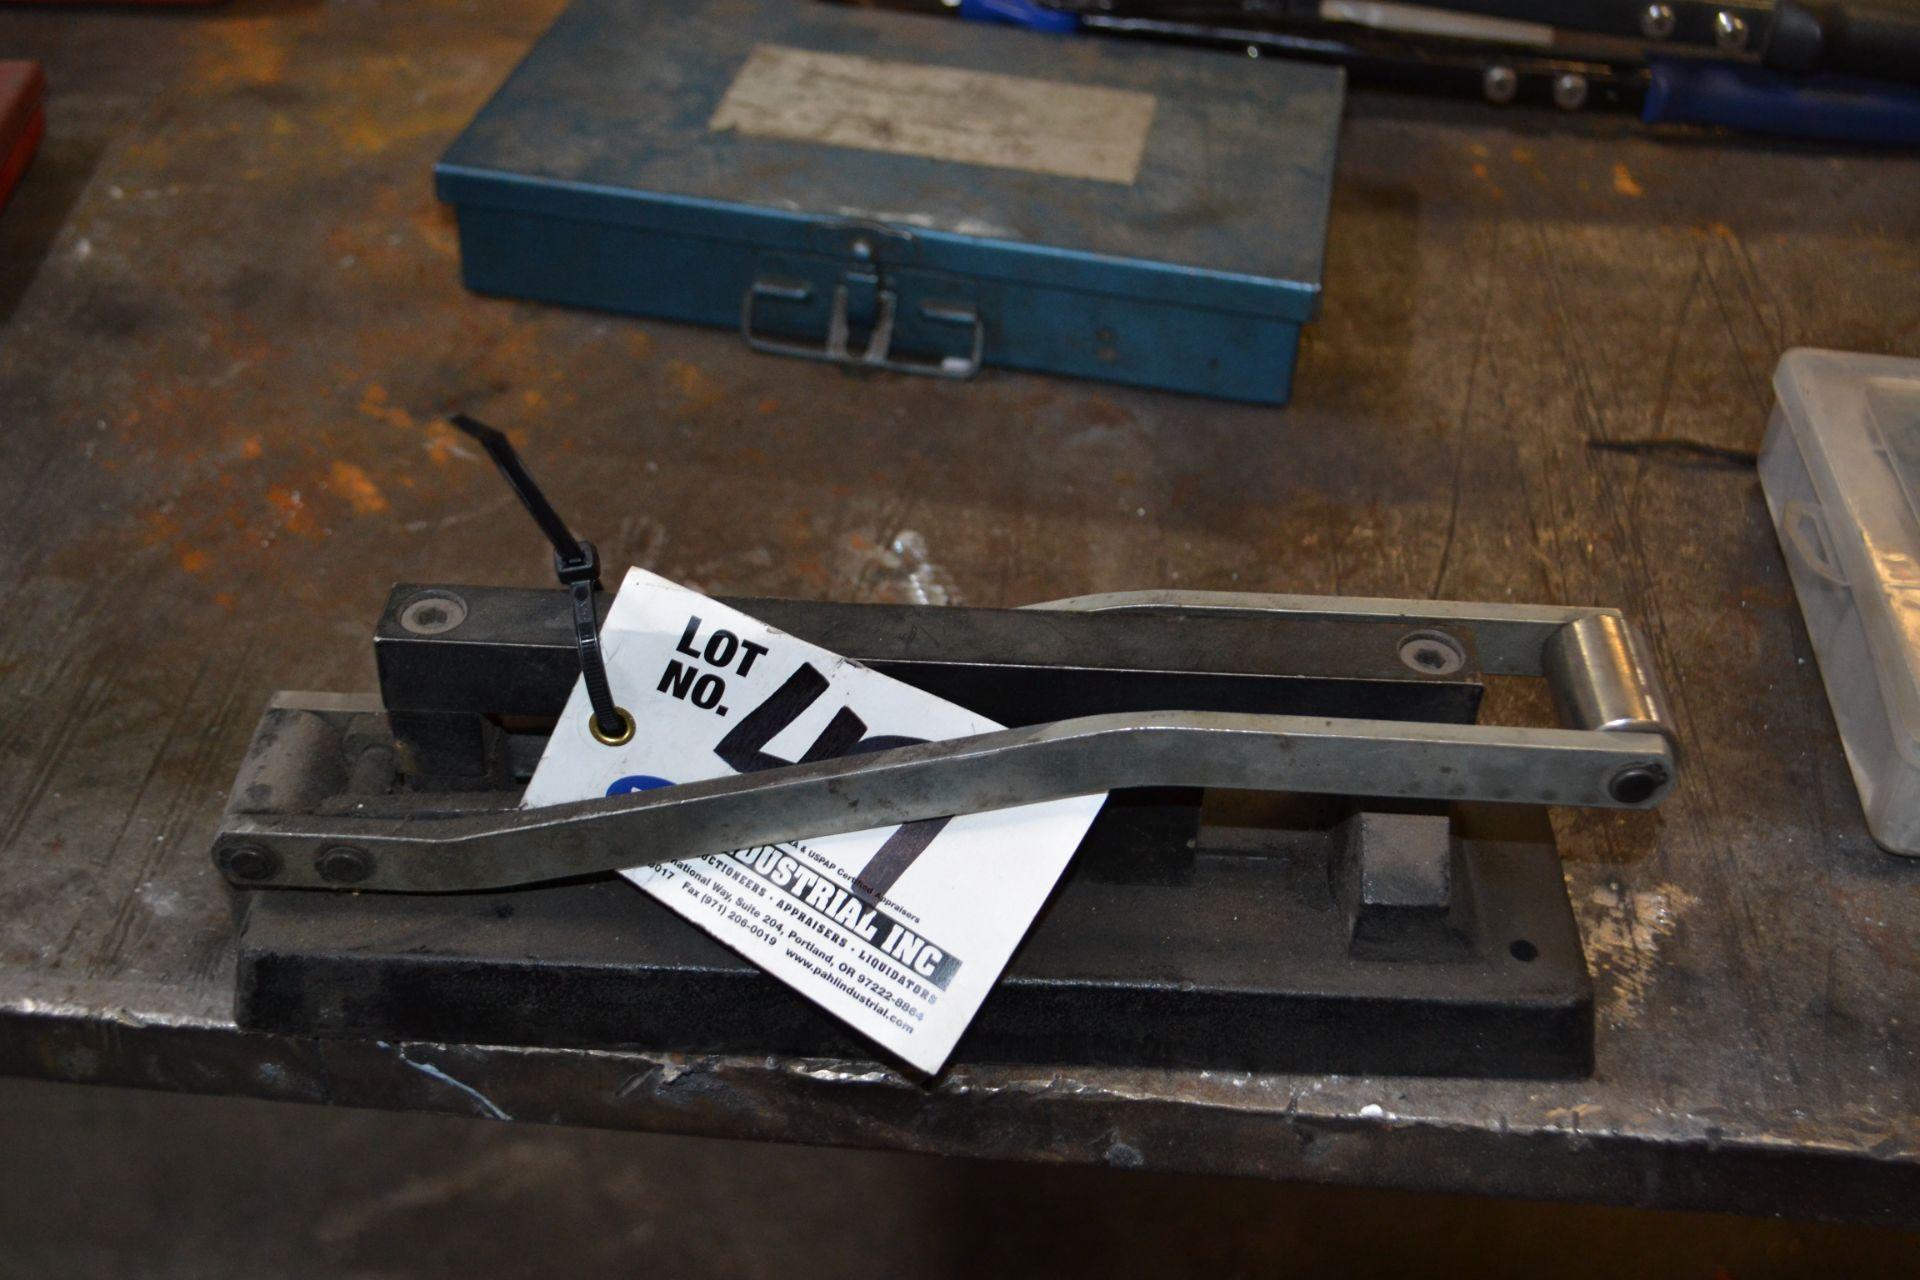 Lot 49 - Crimping Tool? No idea